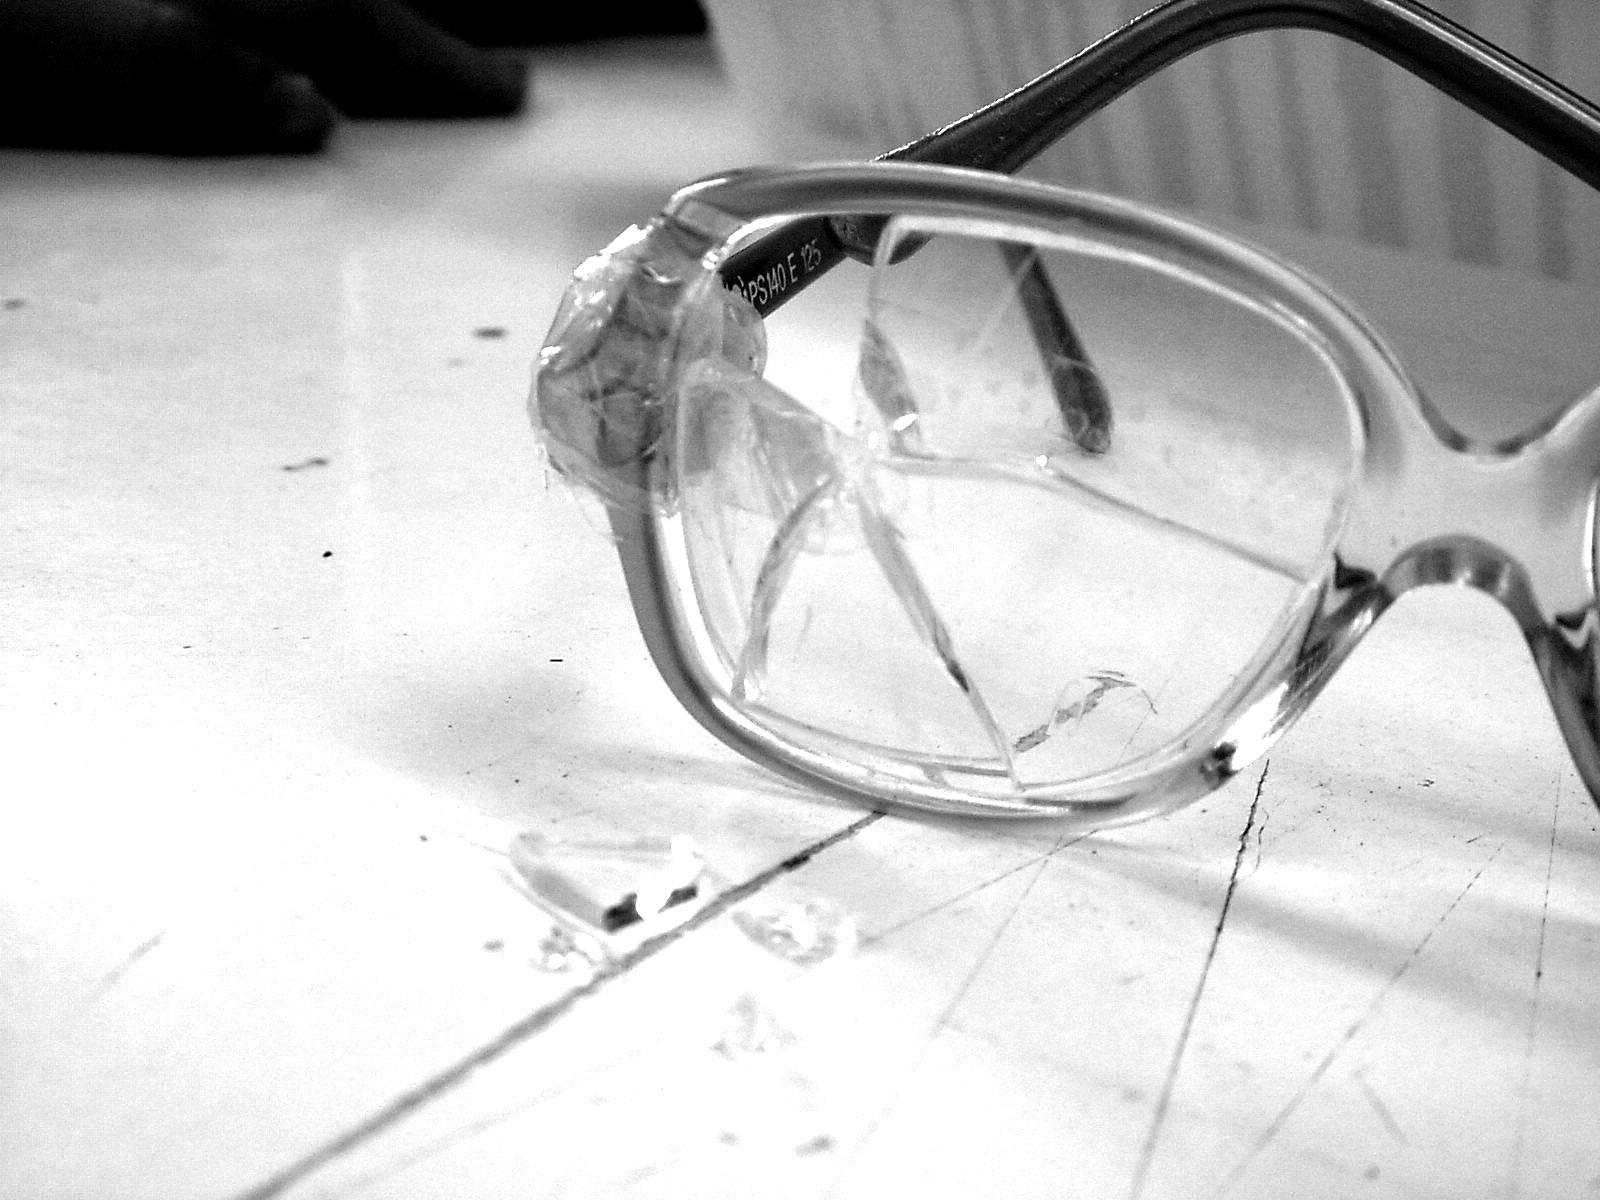 Разбитое очко фото 4 фотография